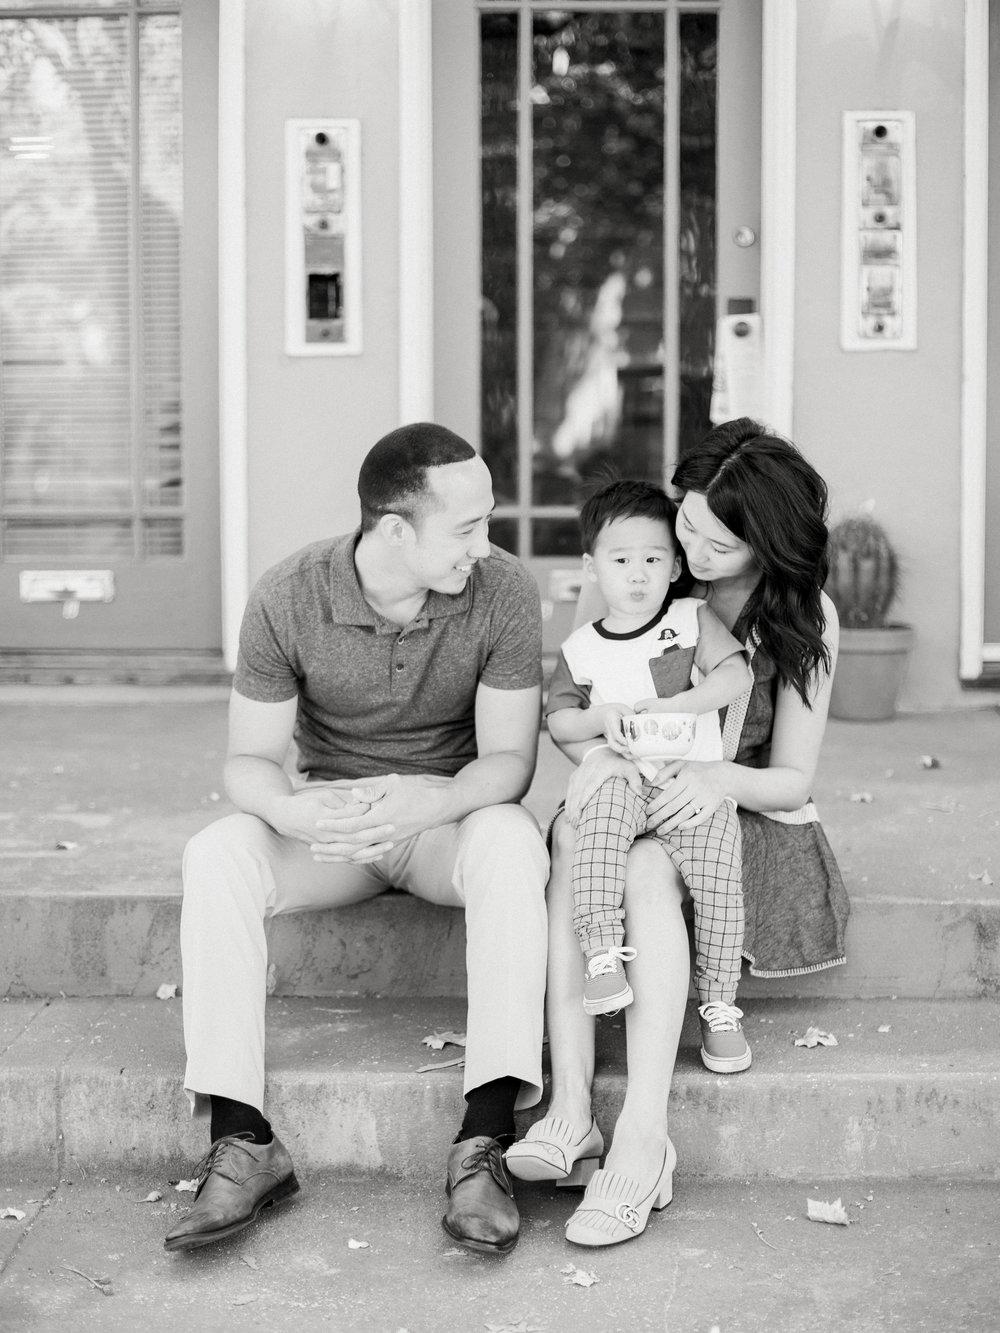 Deng_Family_117.jpg